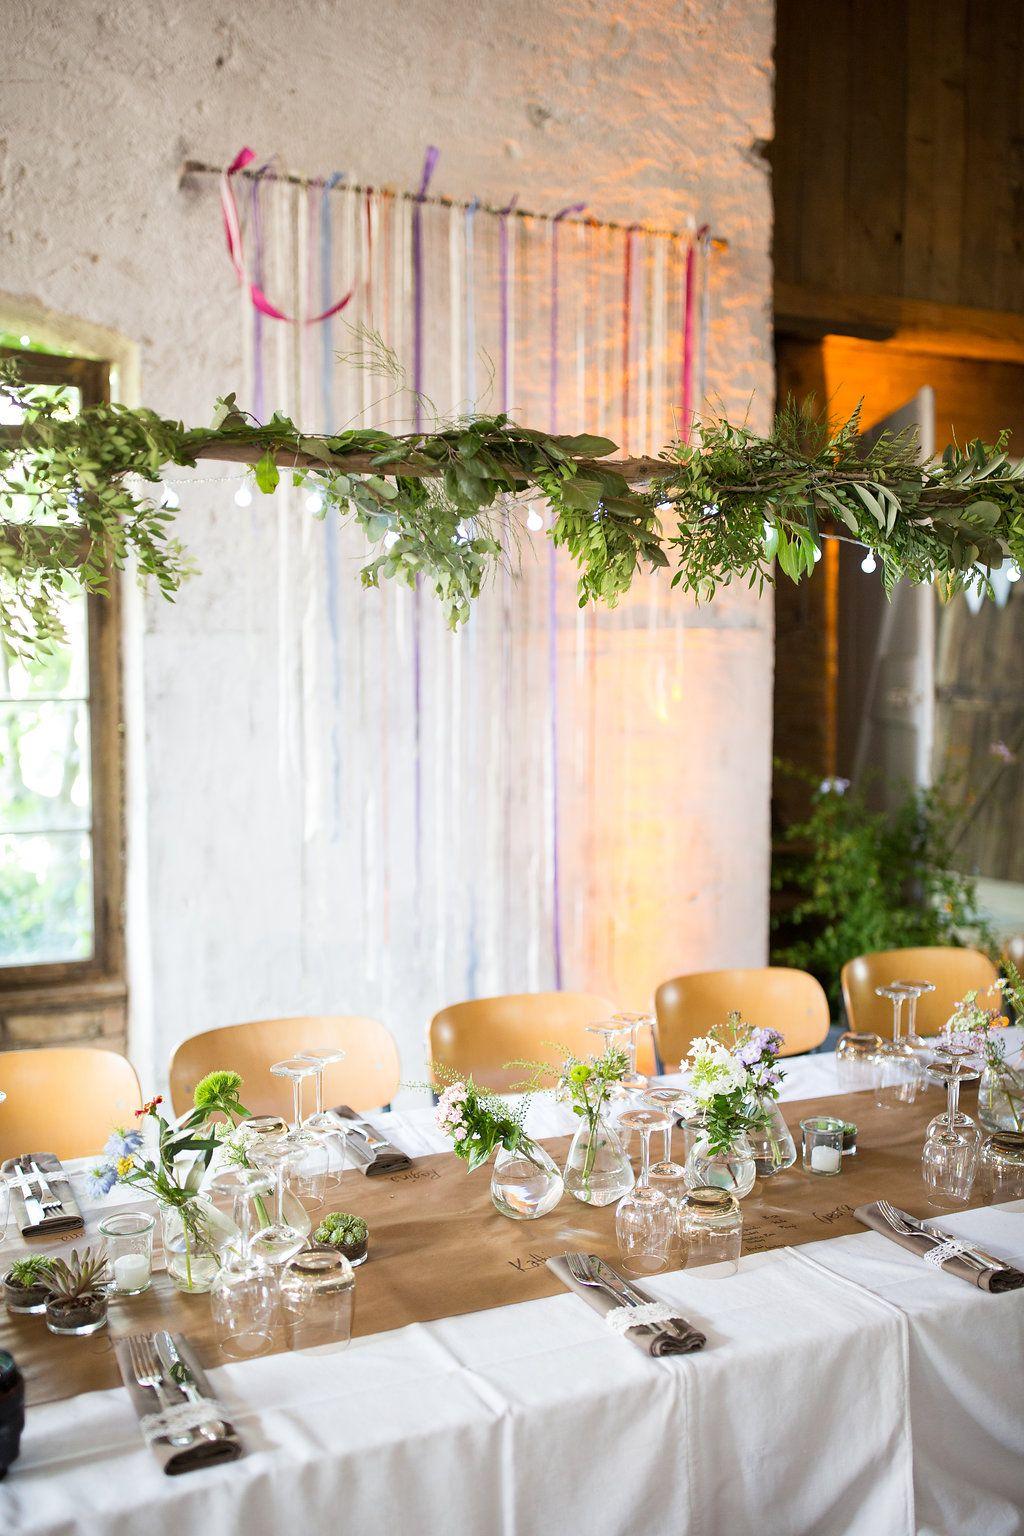 Rustikale Greenery Deko Hochzeit Deko Tisch Rustikale Hochzeits Deko Blumengirlanden Hochzeit